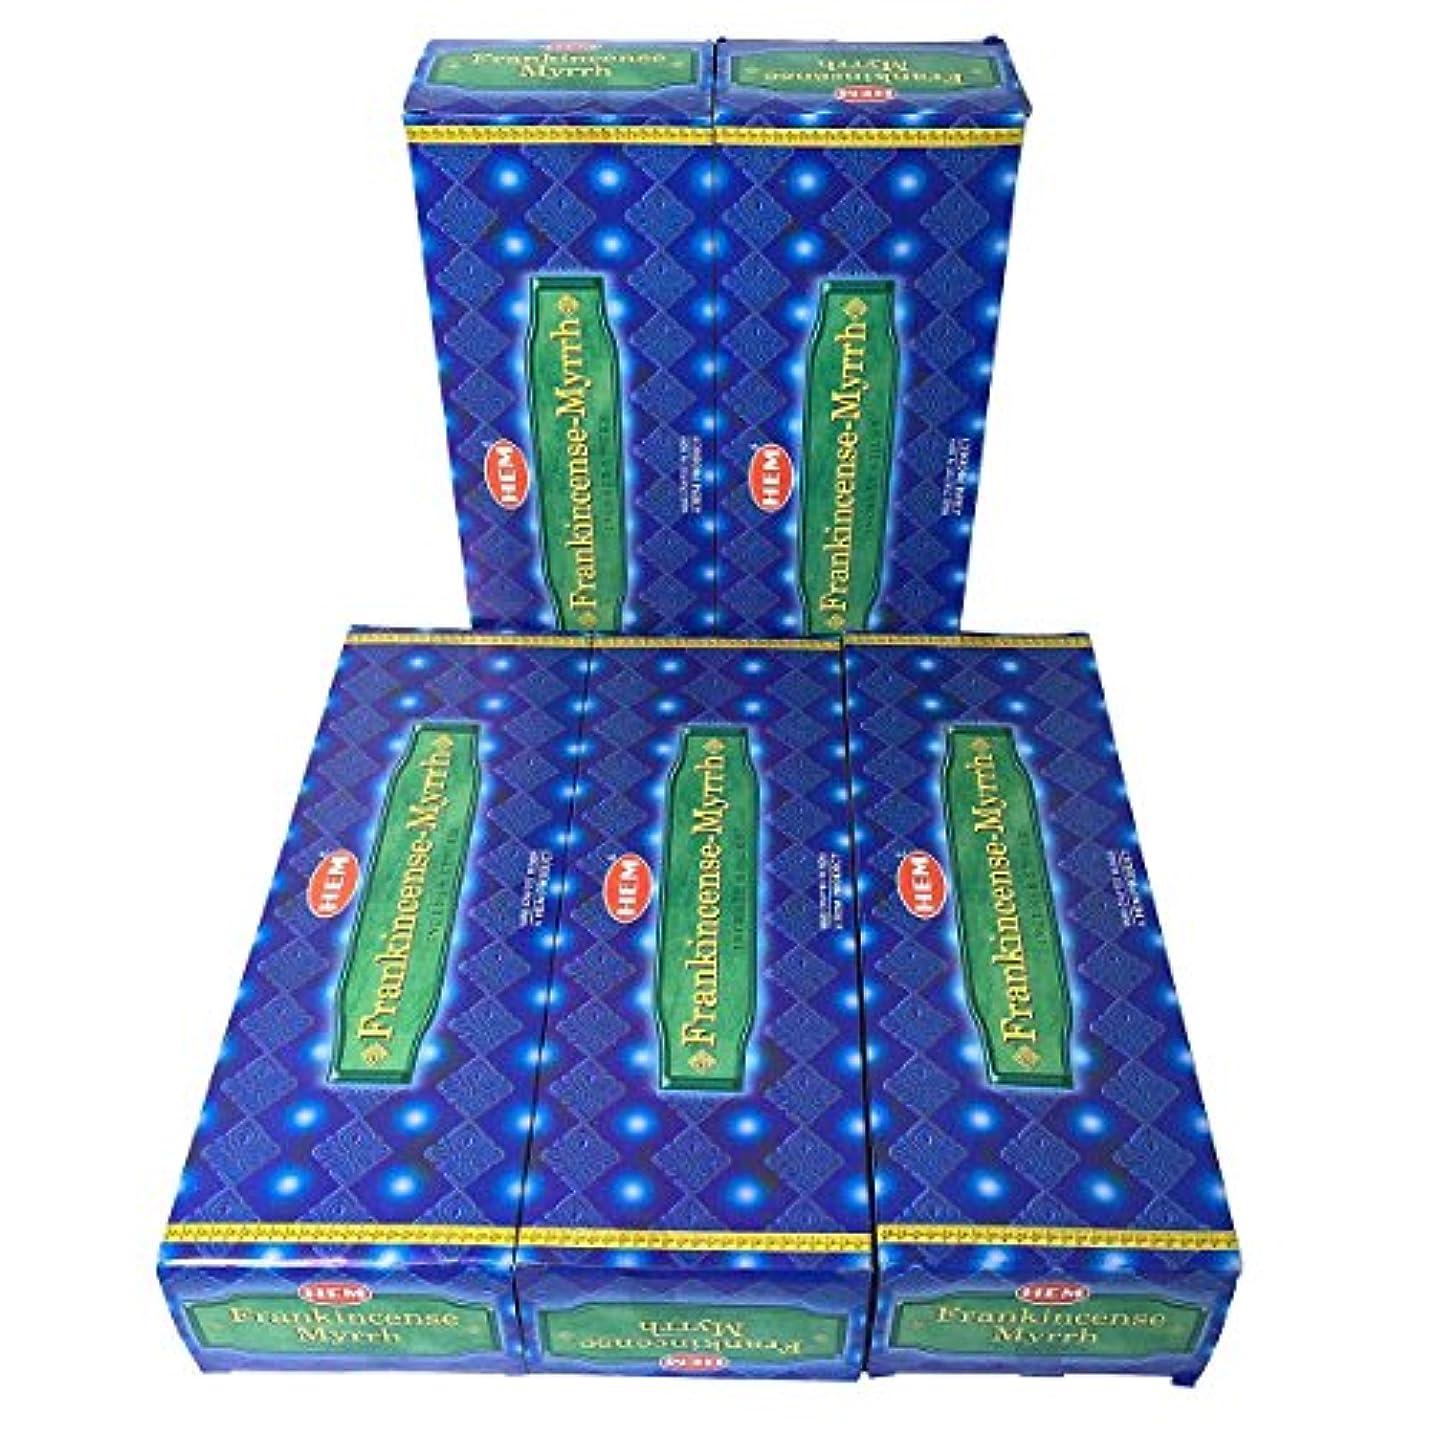 少年強調する道徳教育HEM フランキンセンス-ミルラ香 スティック 5BOX(30箱)/HEM FRANKINCENSE MYRRH/ インド香 / 送料無料 [並行輸入品]